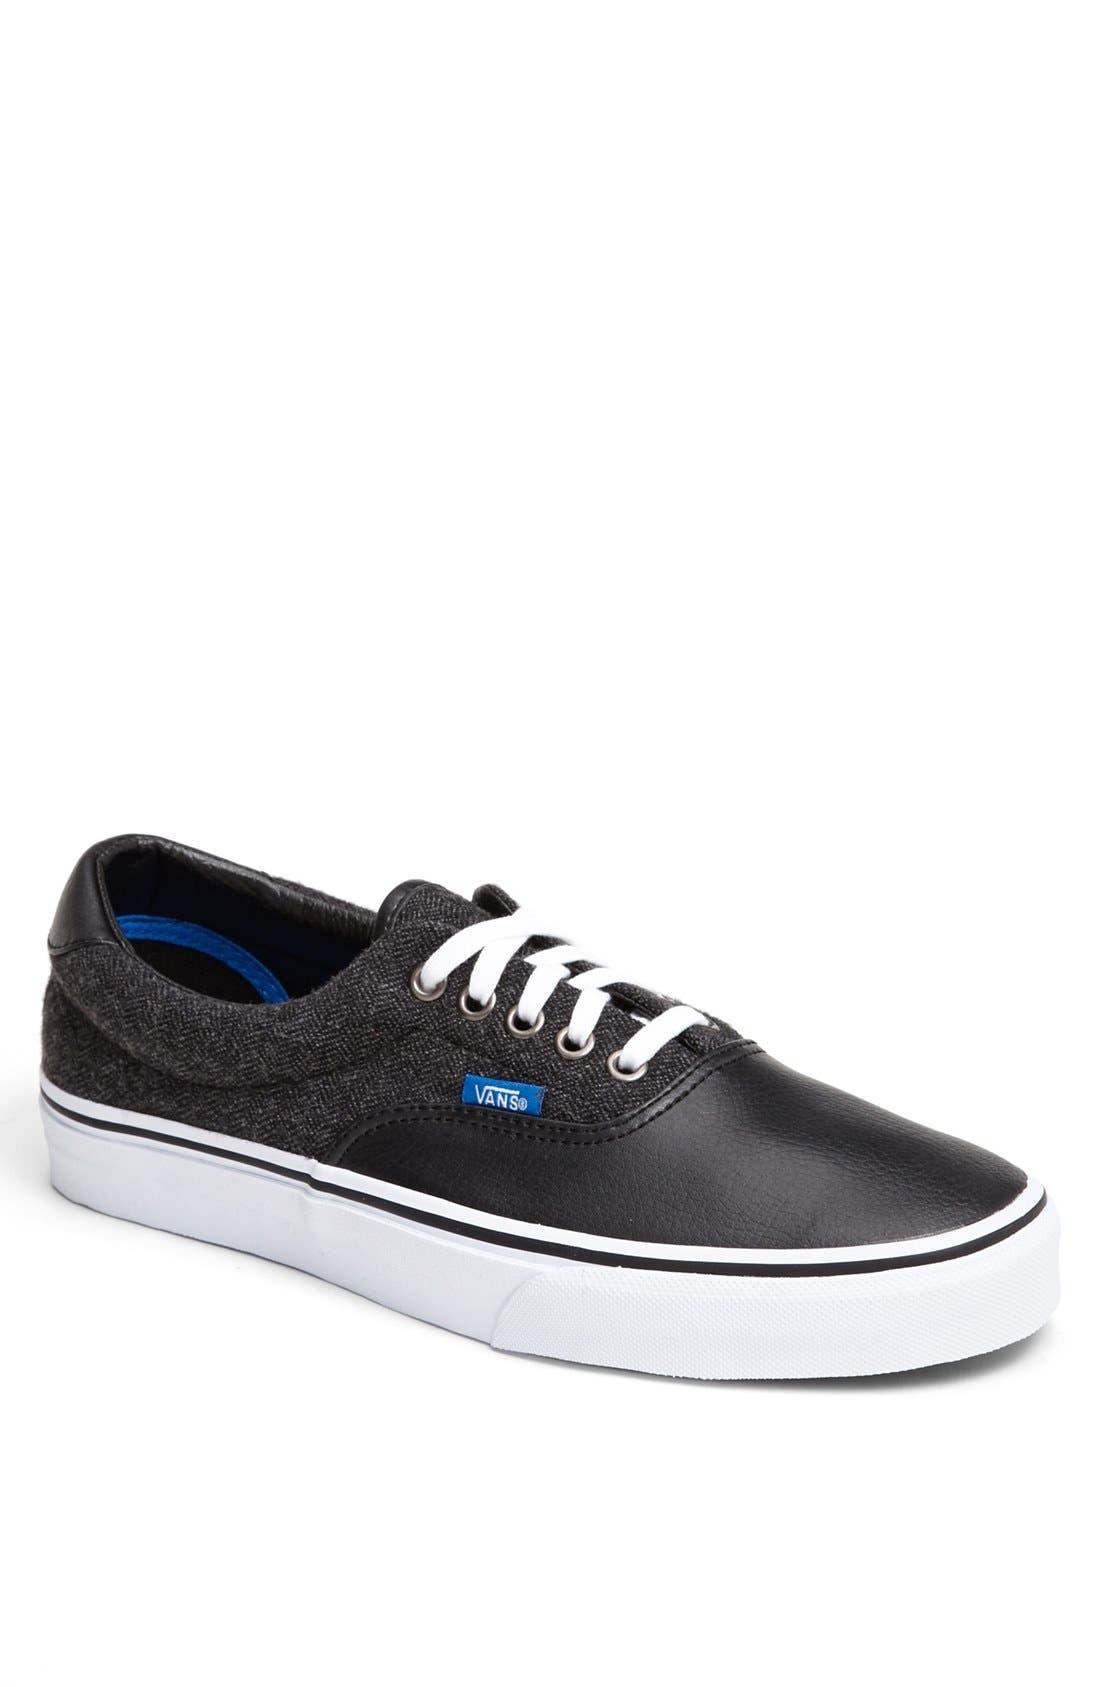 Main Image - Vans 'Era 59' Sneaker (Men)